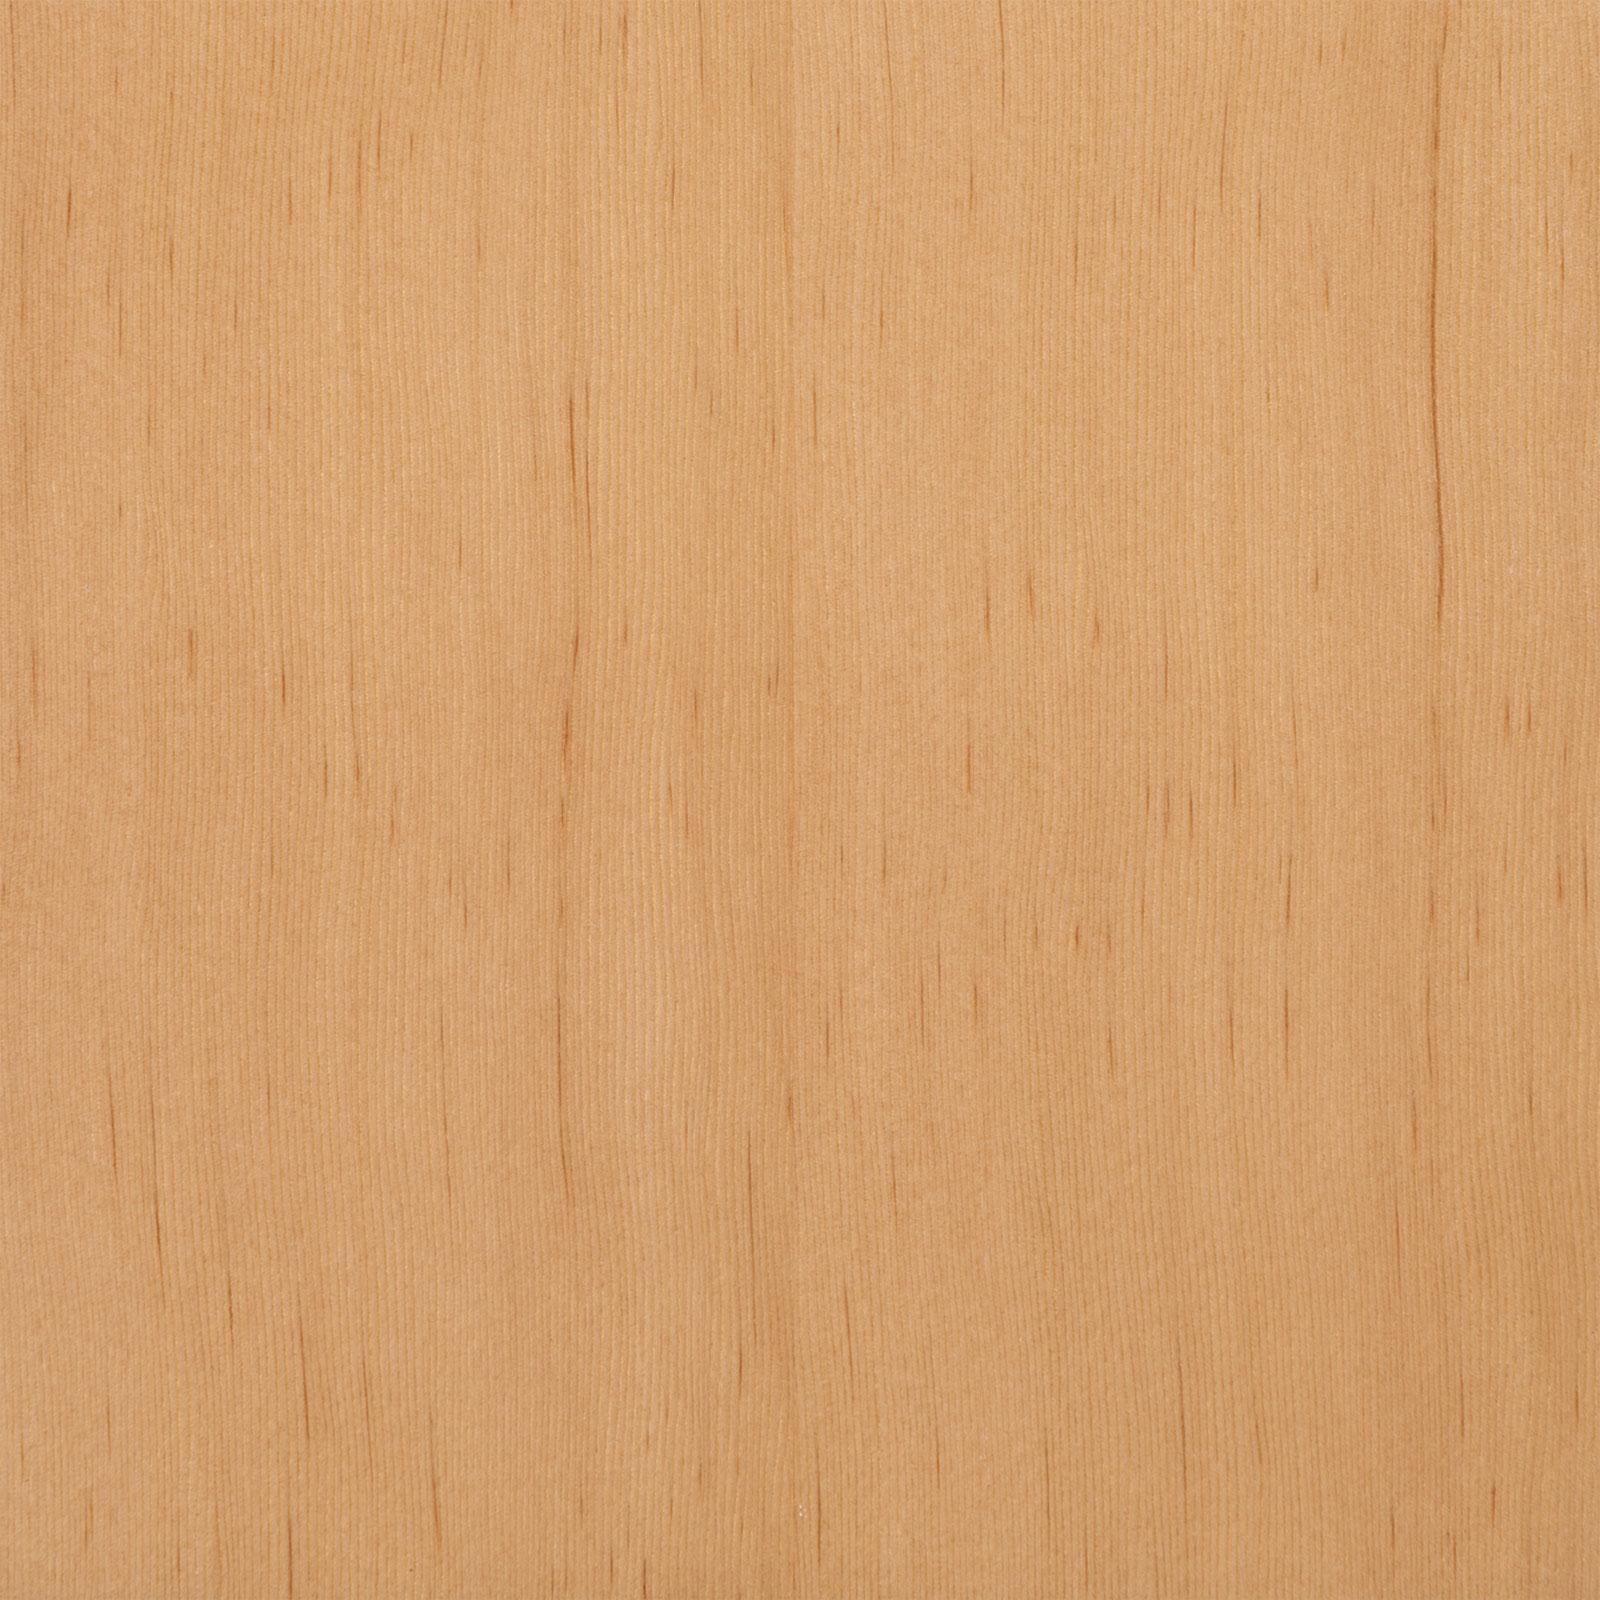 Vertical Grain Douglas Fir